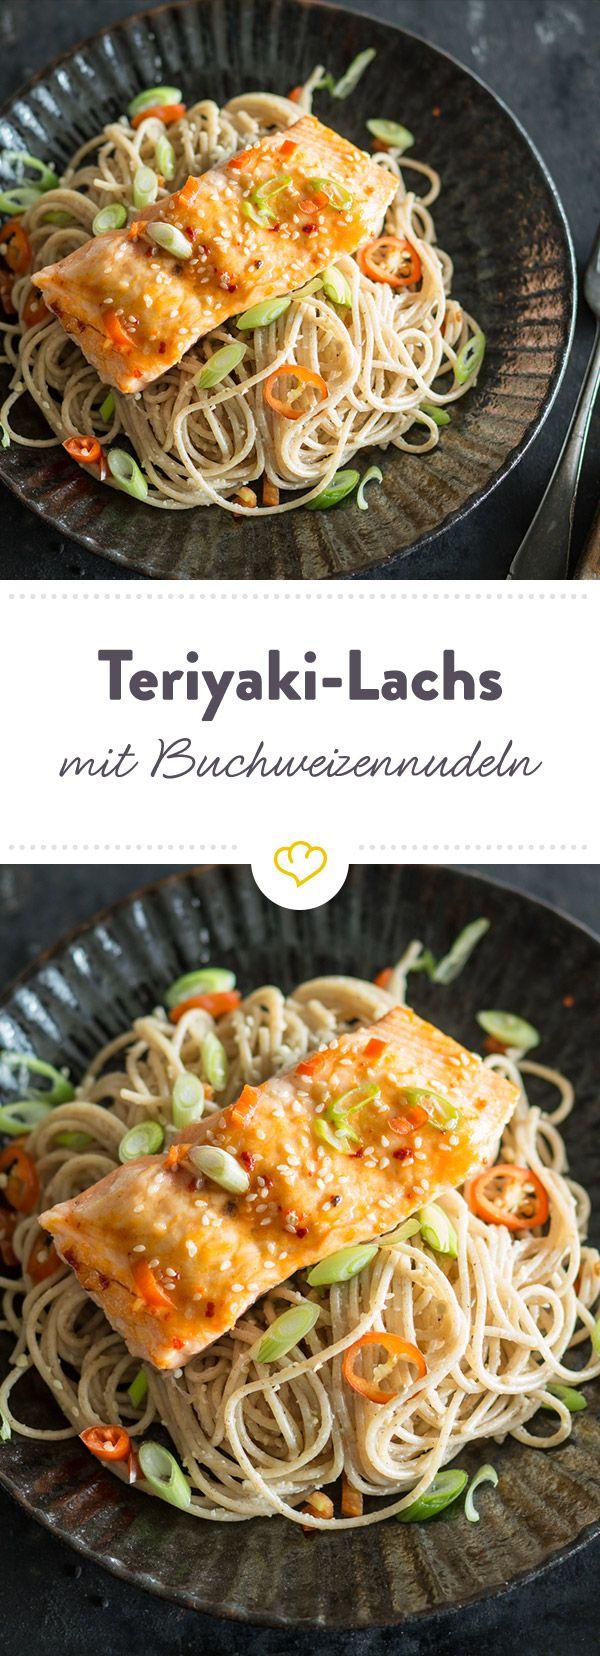 Ein zartes Lachsfilet, mariniert mit einer selbst gemachten Teriyaksiauce aus Honig und Sojasauce. Dazu Soba-Nudeln - japanischer Hochgenuss.